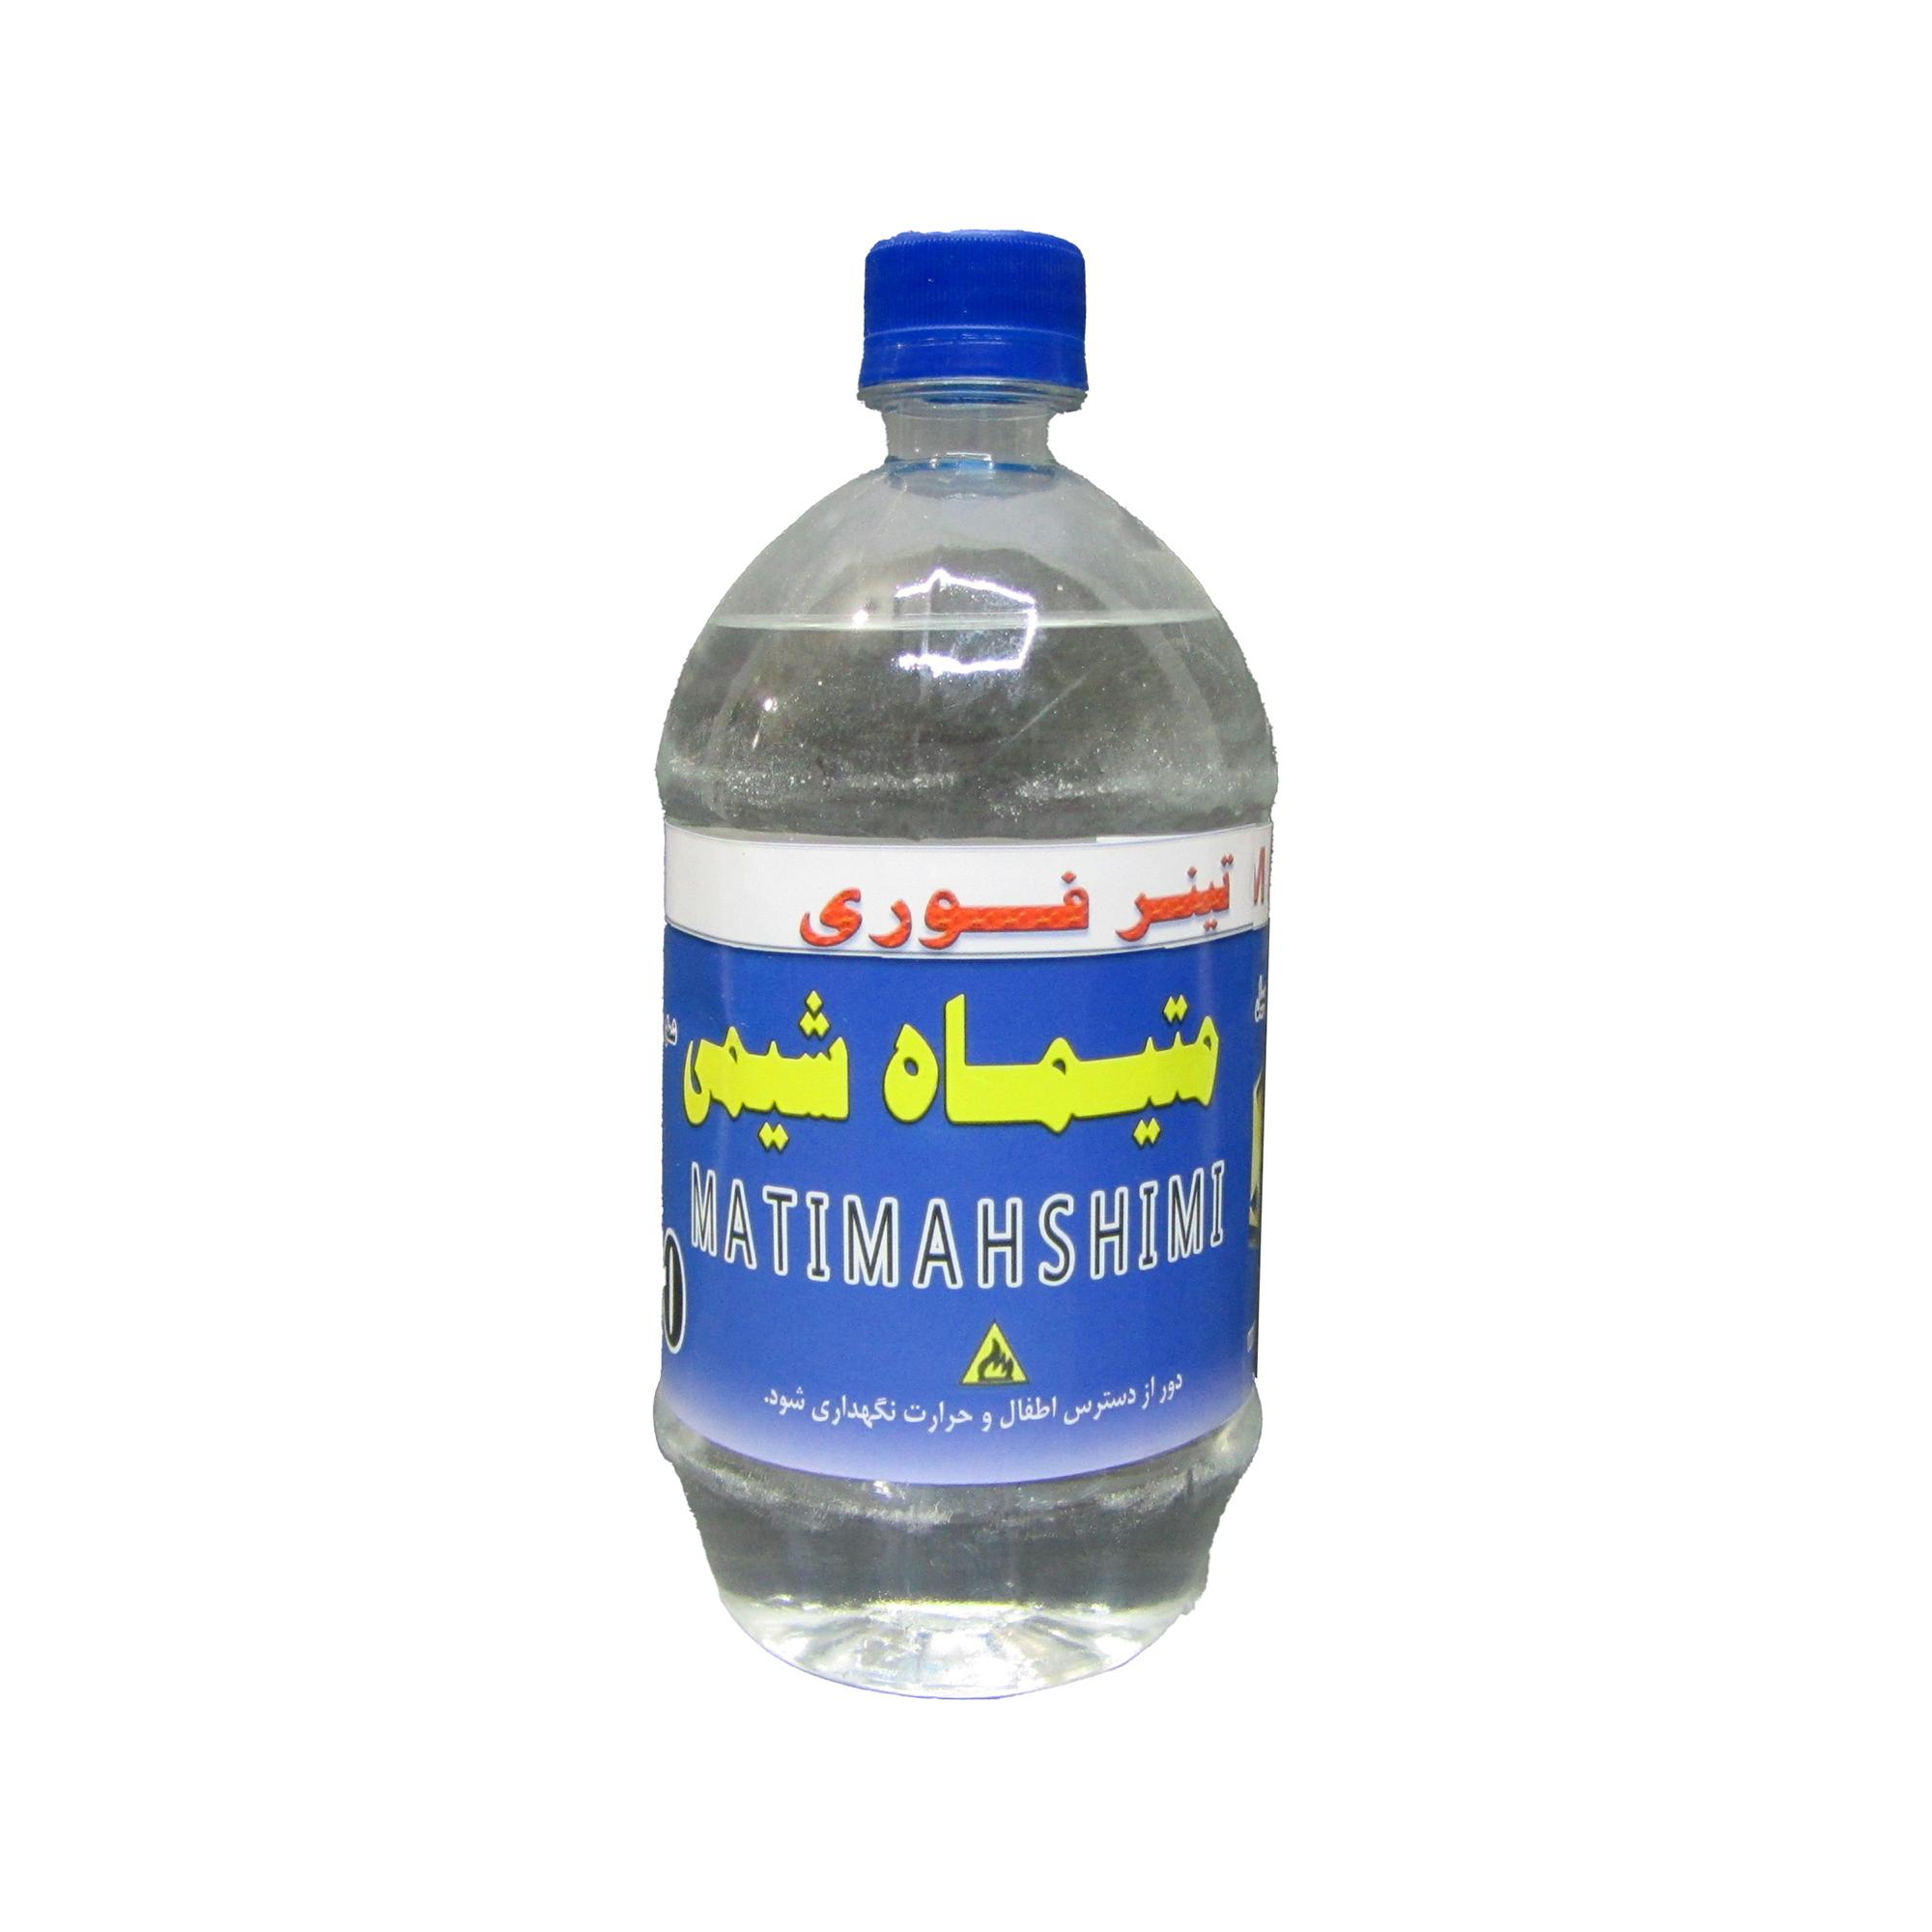 قیمت                                      تینر فوری متیماه شیمی مدل ۲۰۰۰۰ حجم ۱ لیتر